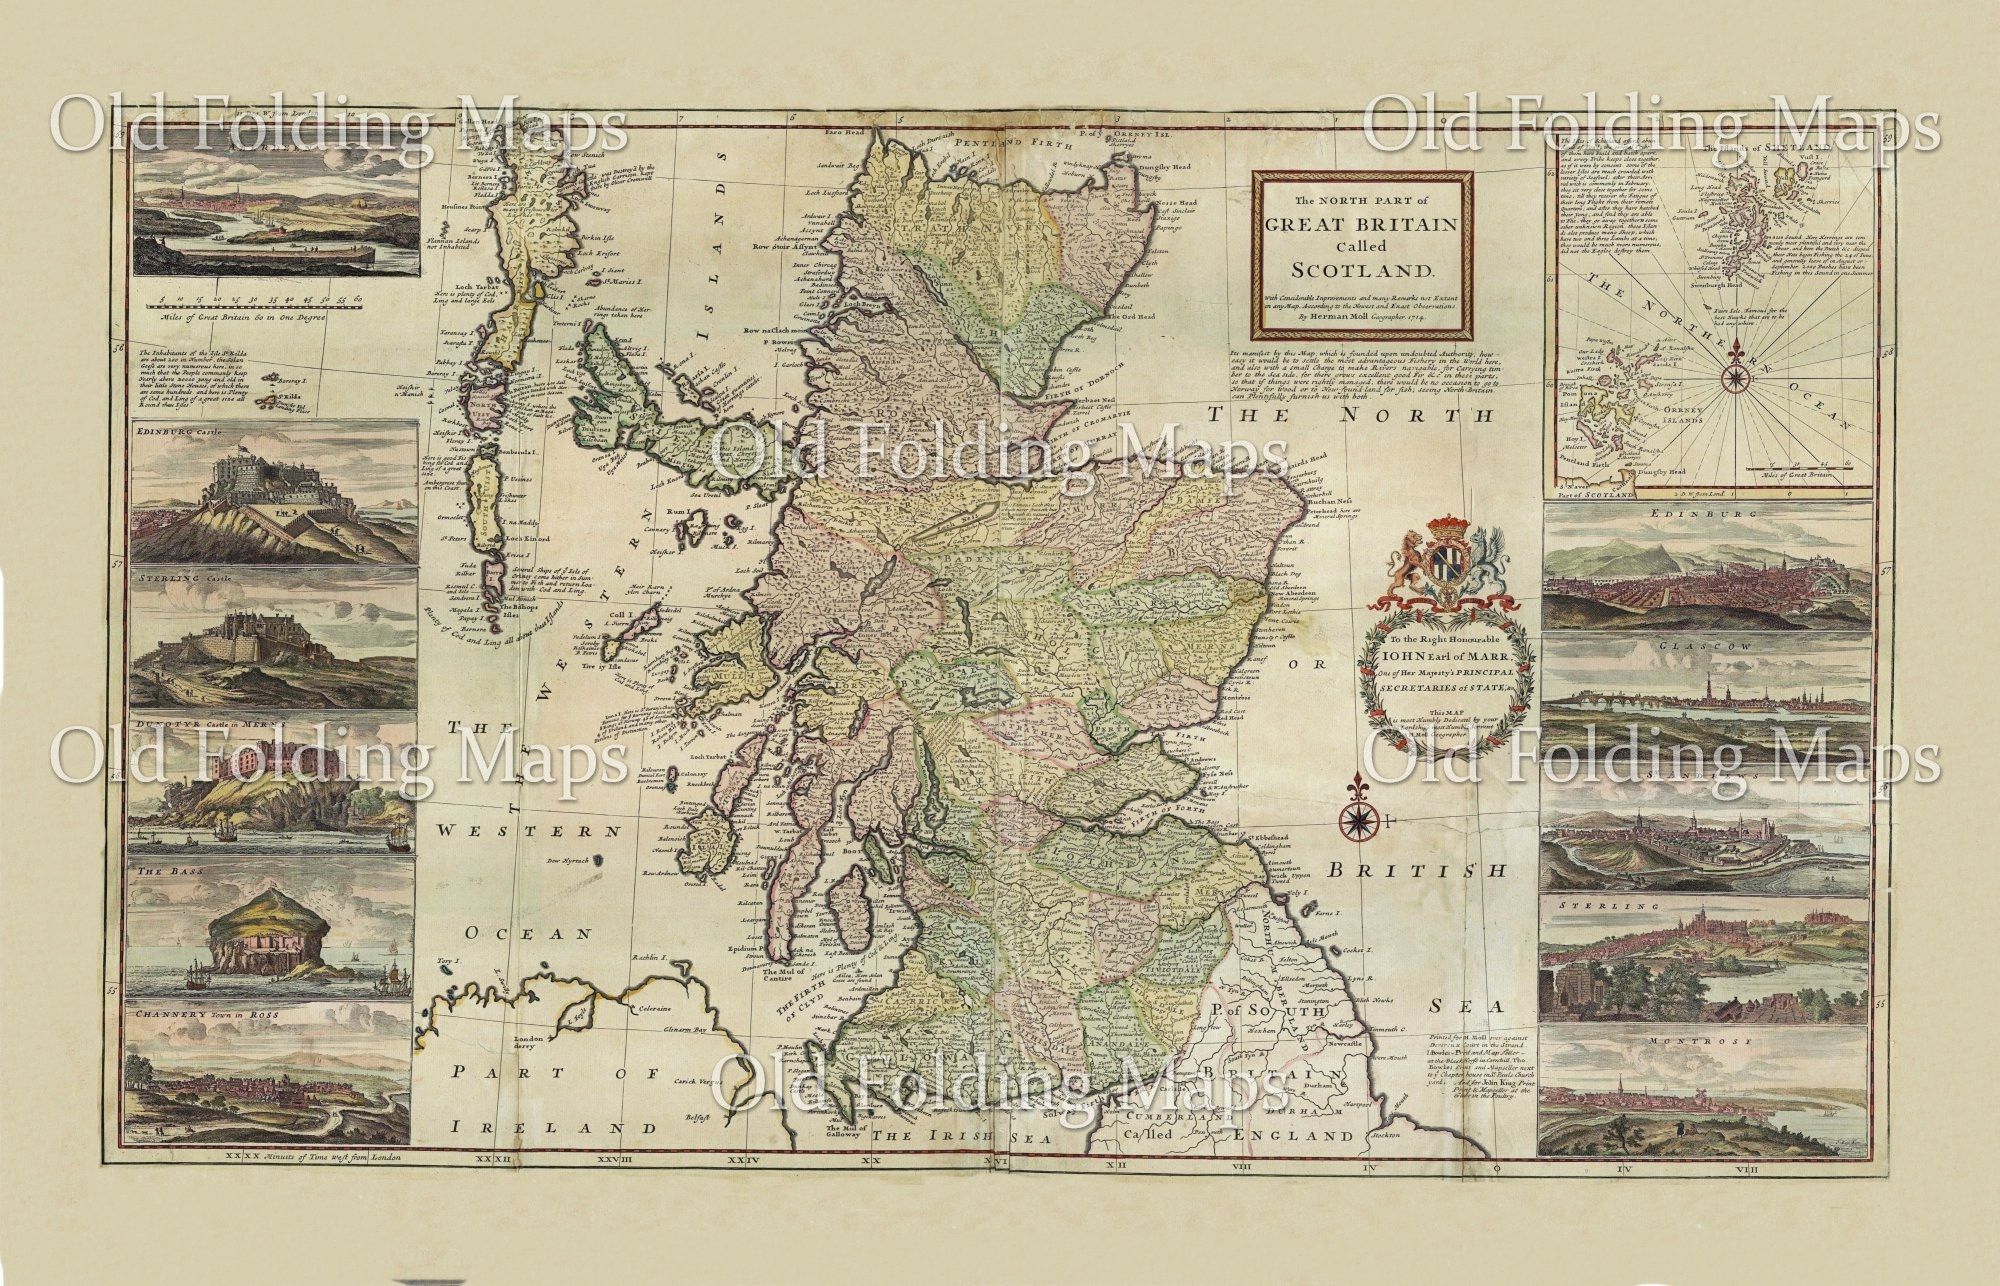 Old Map of Scotland circa 1714